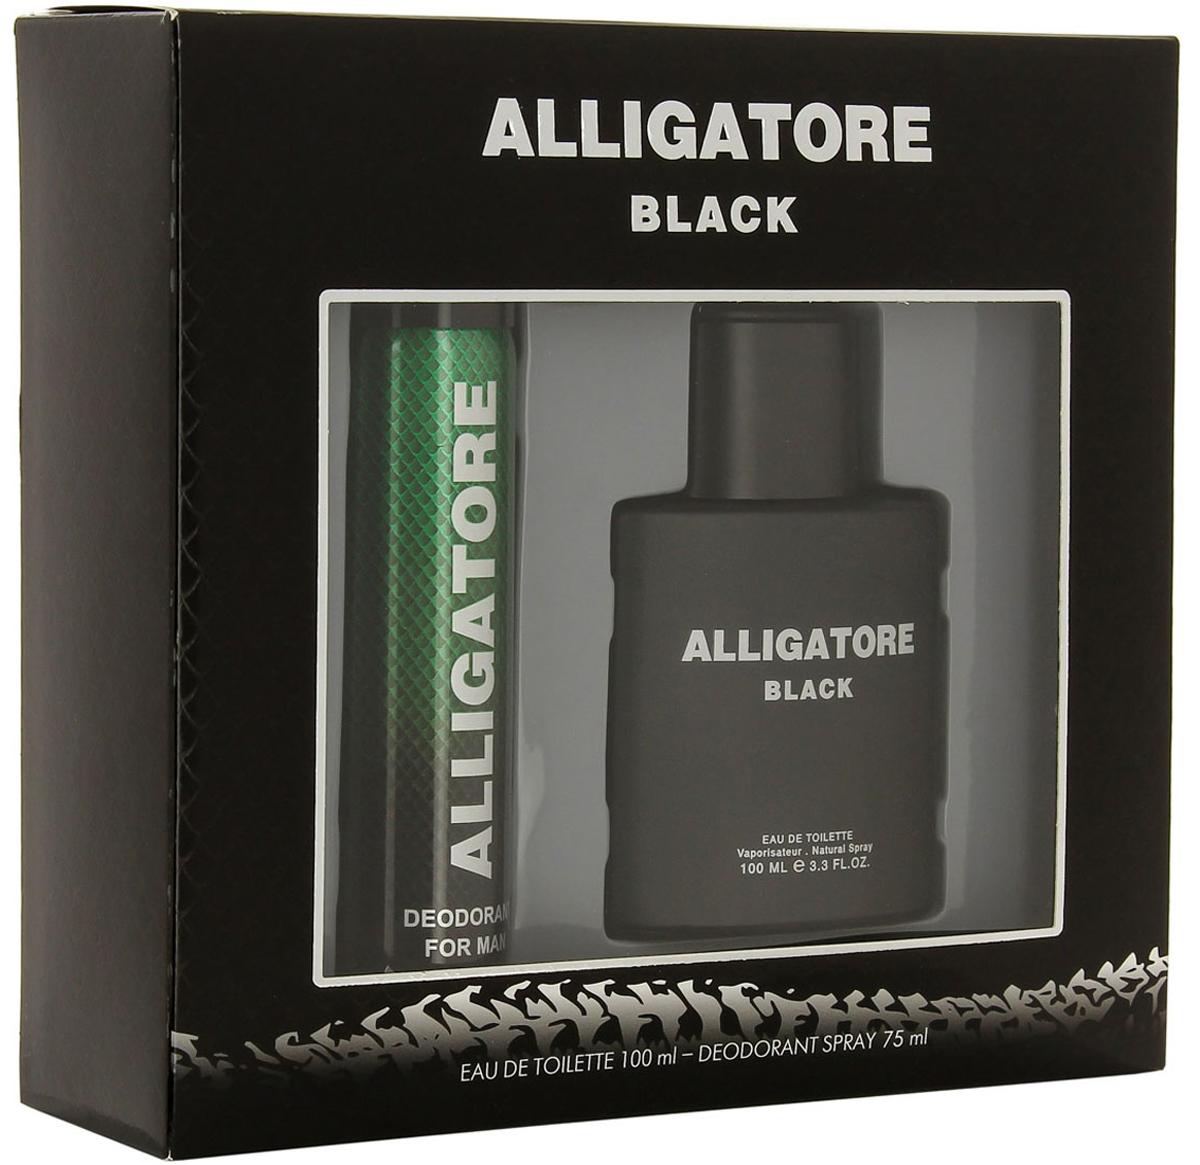 """КПК-Парфюм Подарочный набор для мужчин """"Аллигатор Блэк"""": Туалетная вода, 100 мл + Парфюмированный дезодорант, 75 мл"""